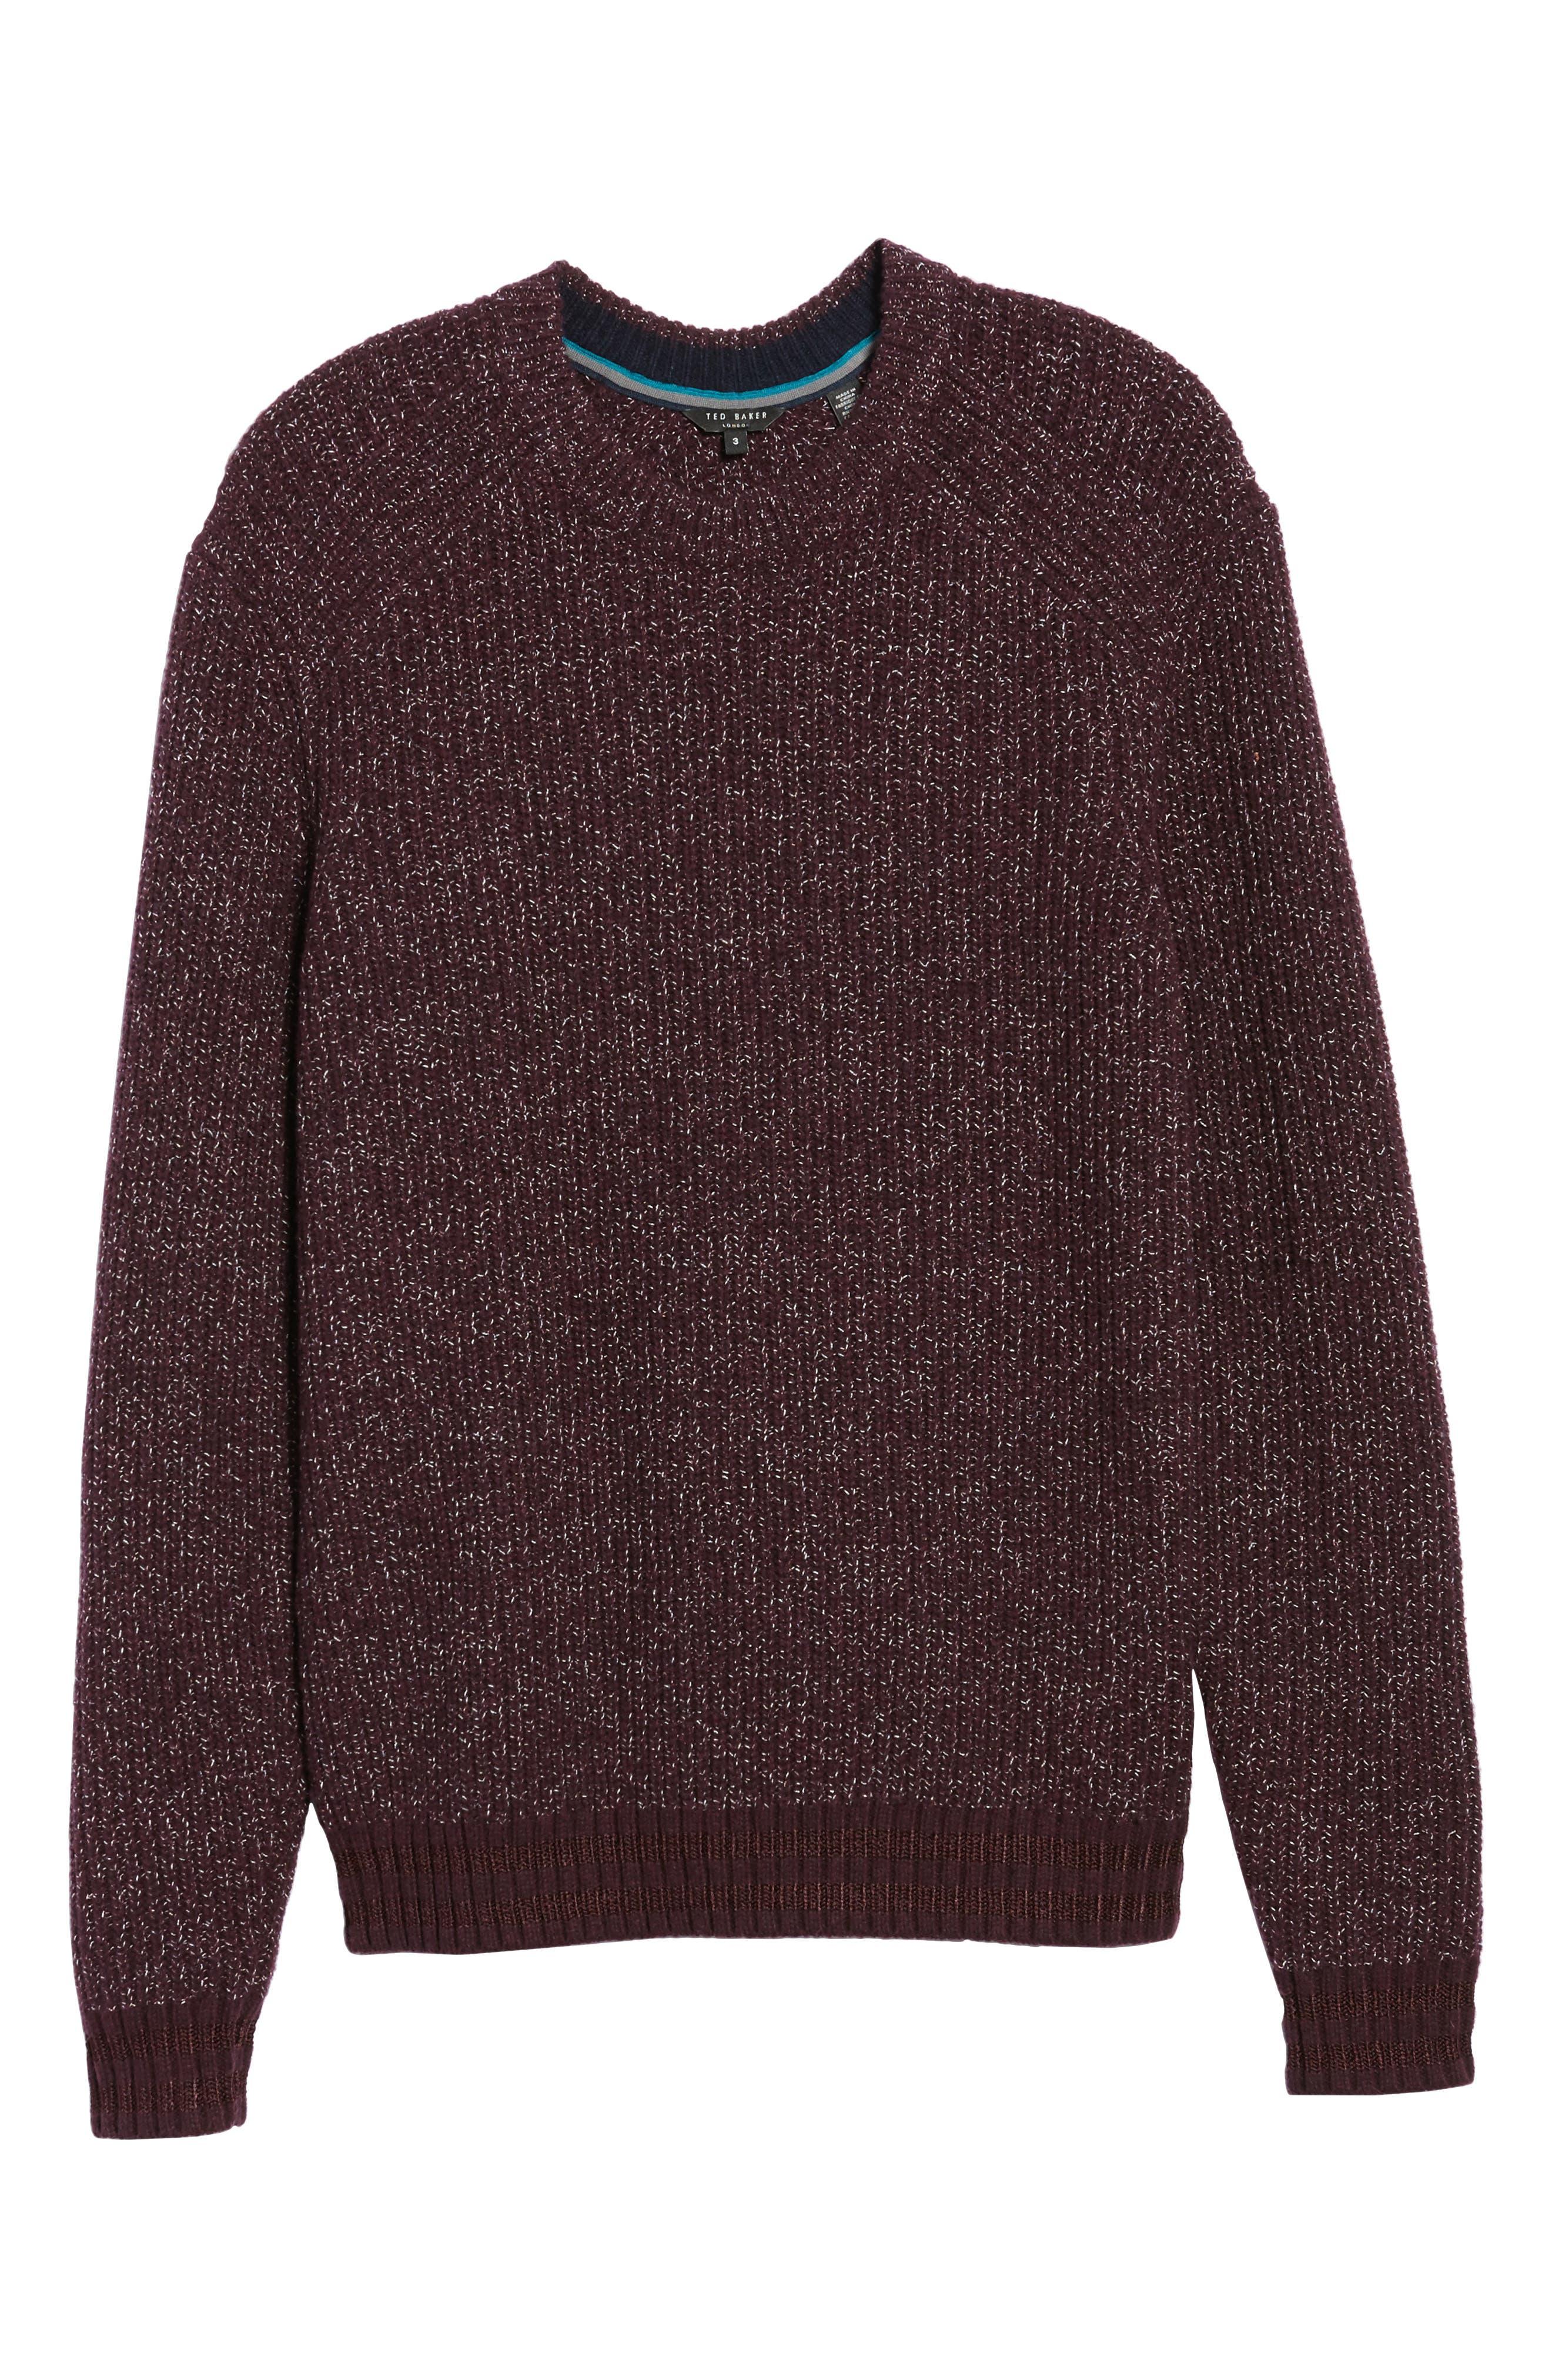 Dot Fielitza Jacquard Sweater,                             Alternate thumbnail 6, color,                             575